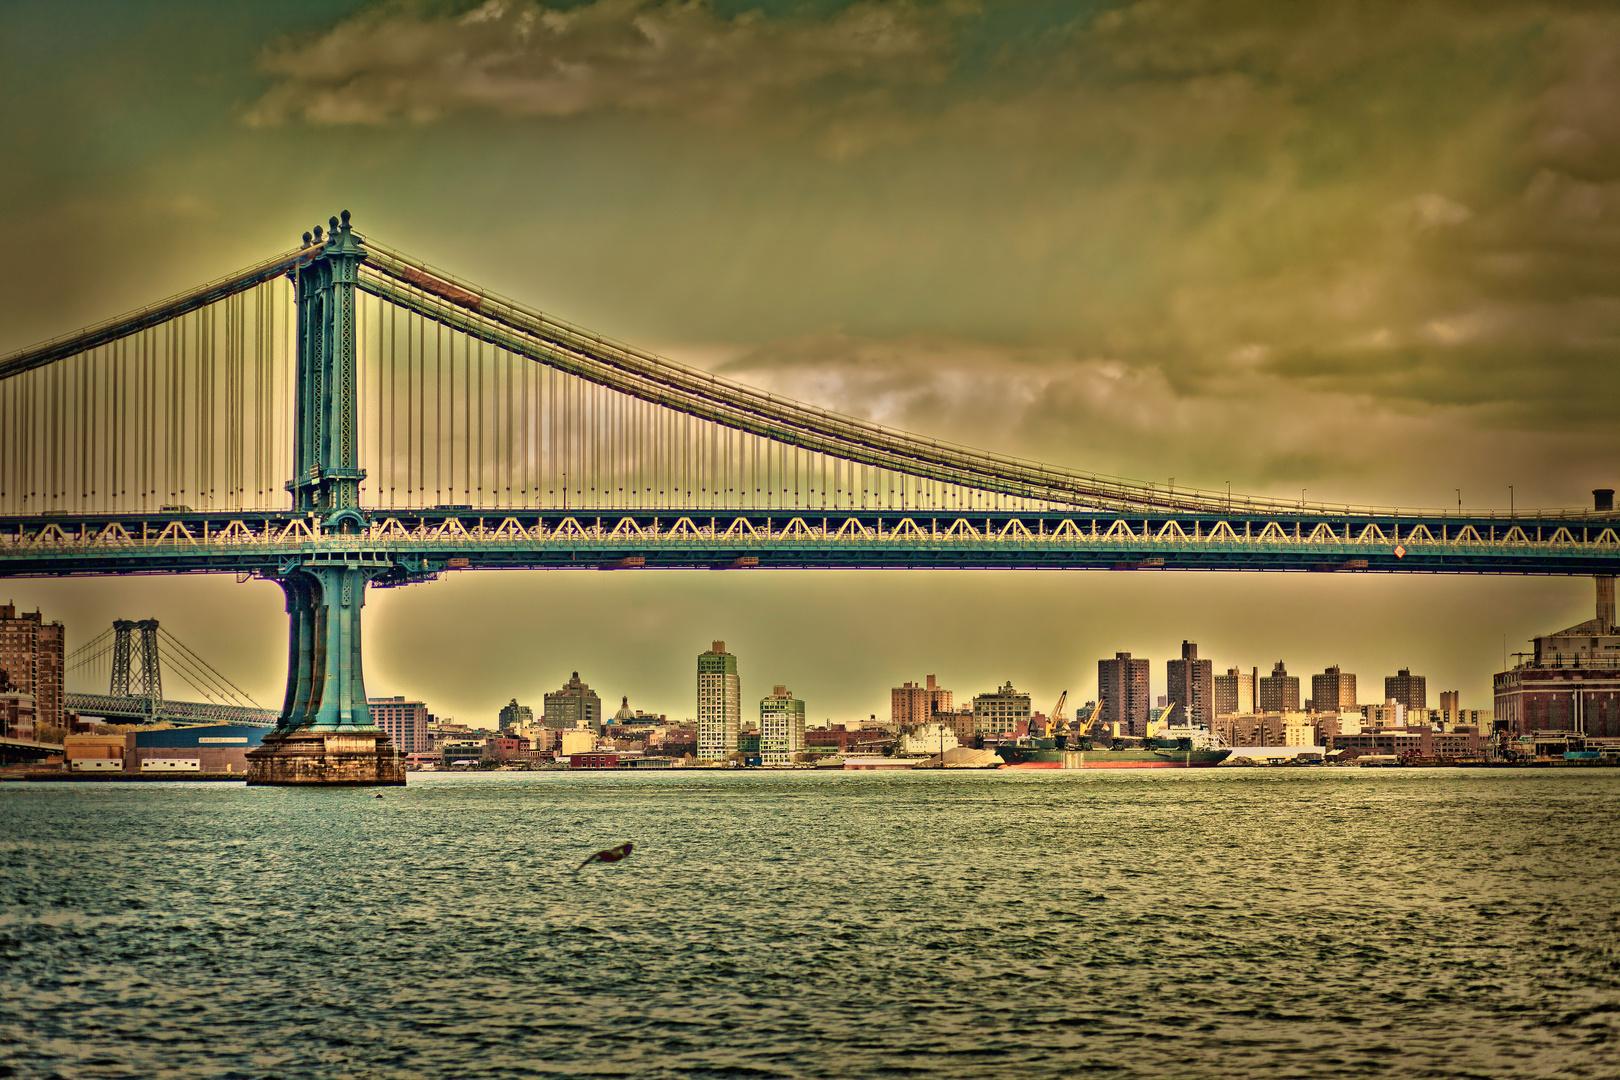 Manhattan bridge, 2012